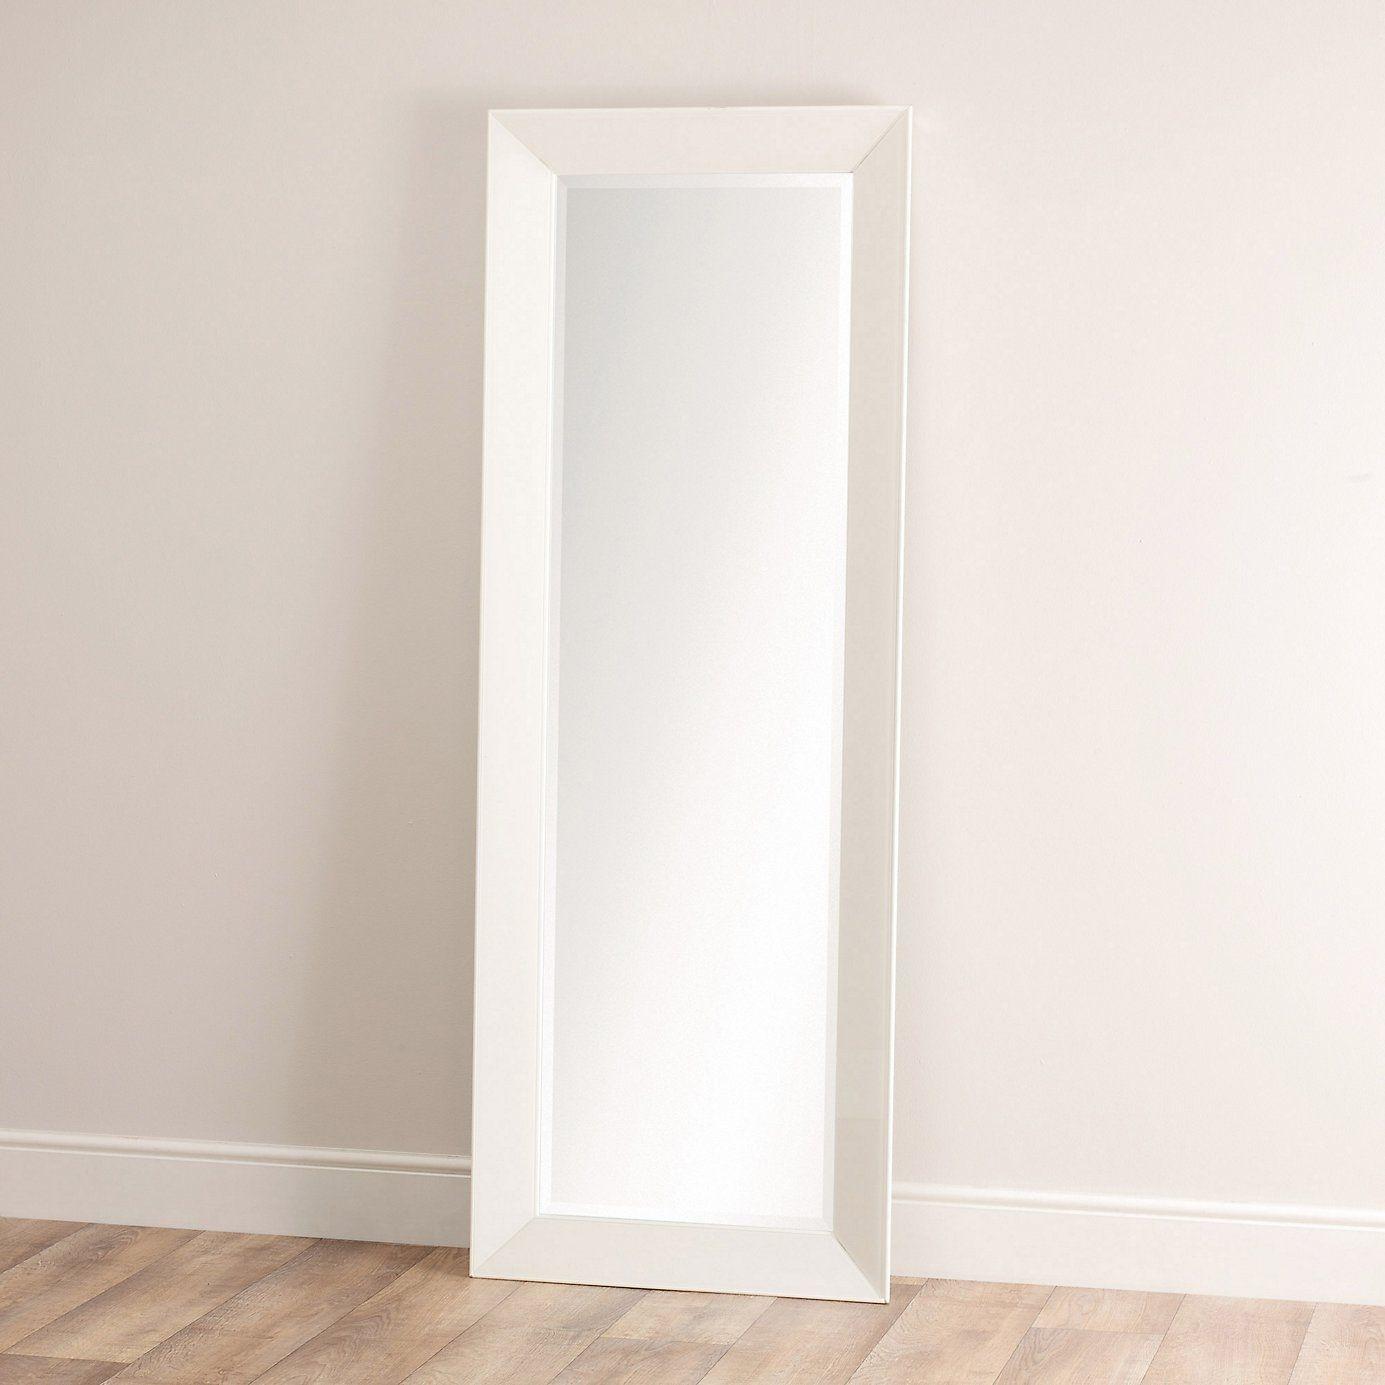 Full Length Wall Mirror White Frame Httpdrrw Pinterest